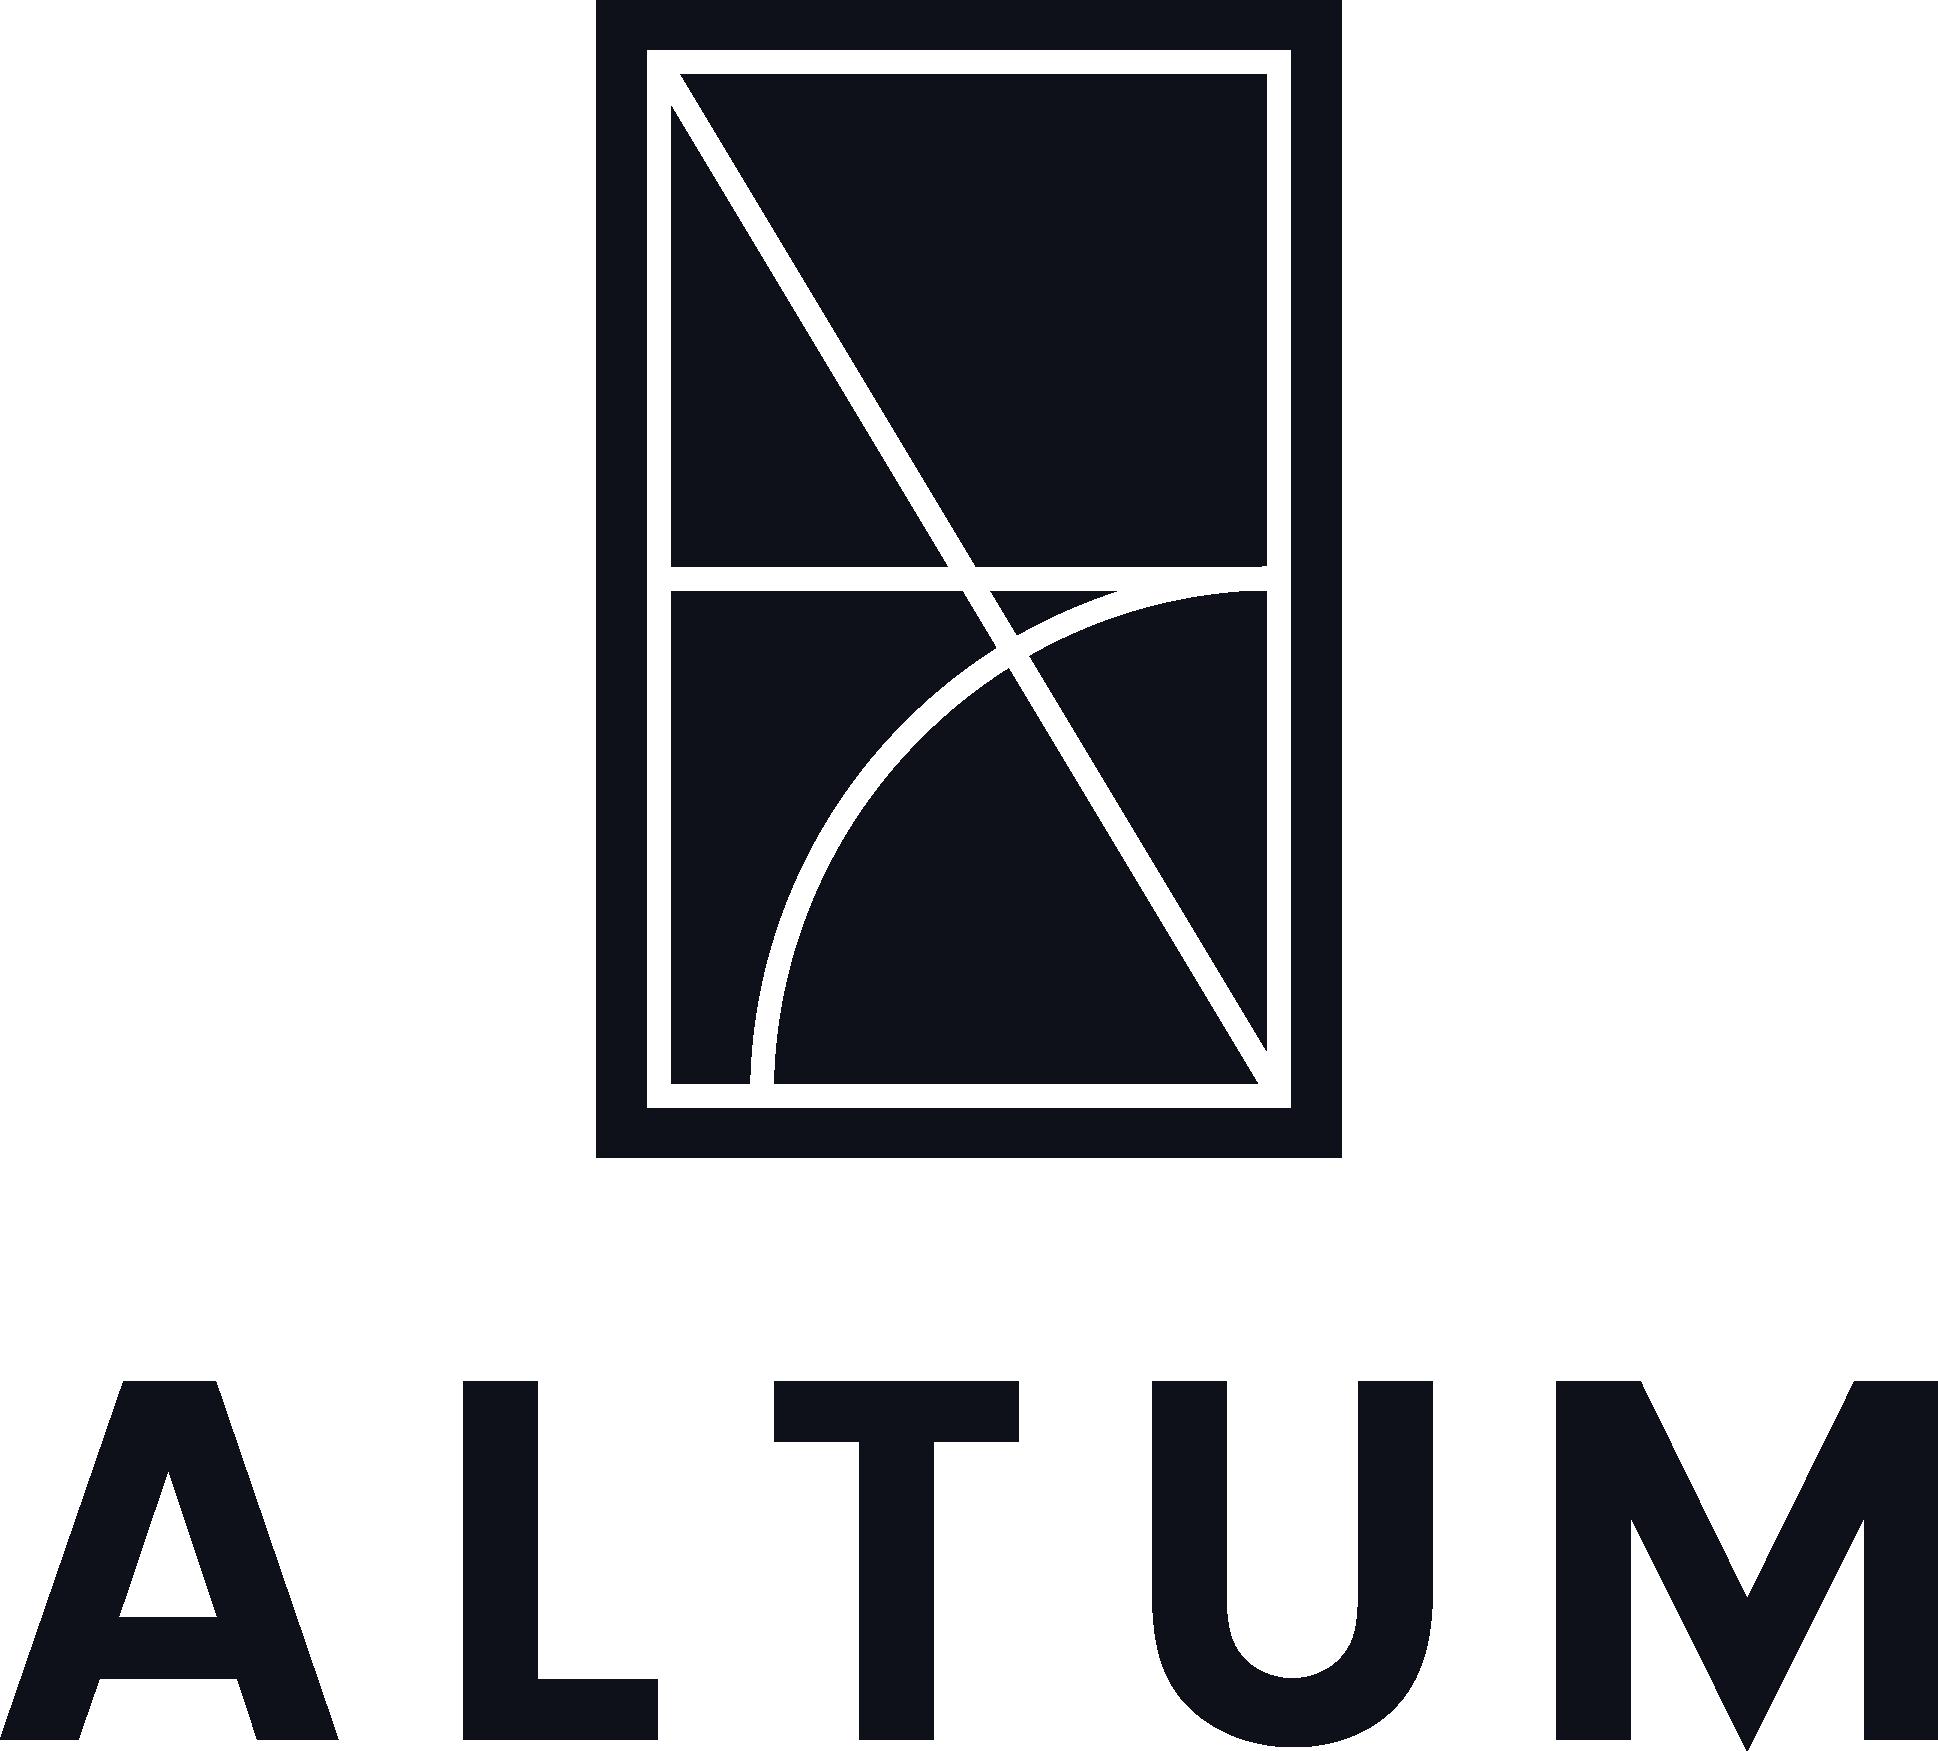 altum-logo.png